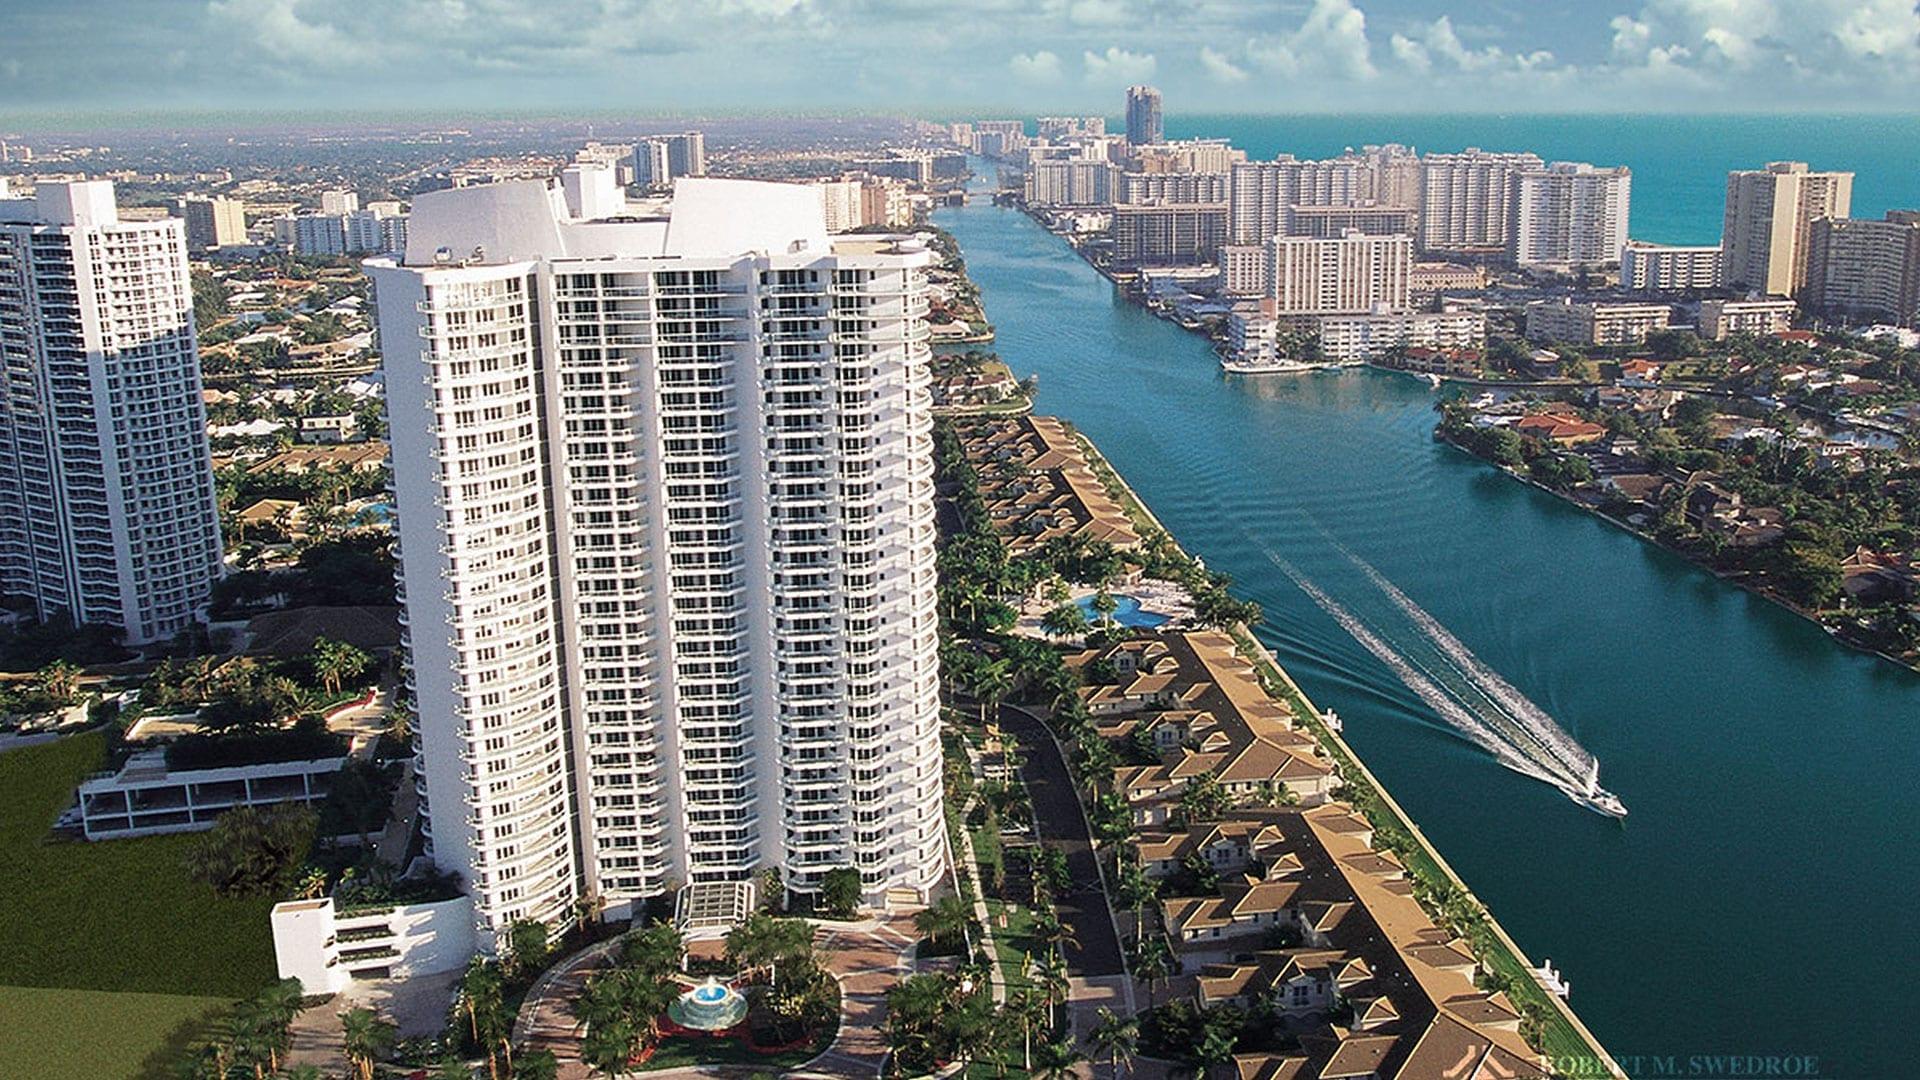 Atlantic 3 Condo - Swedroe Architecture